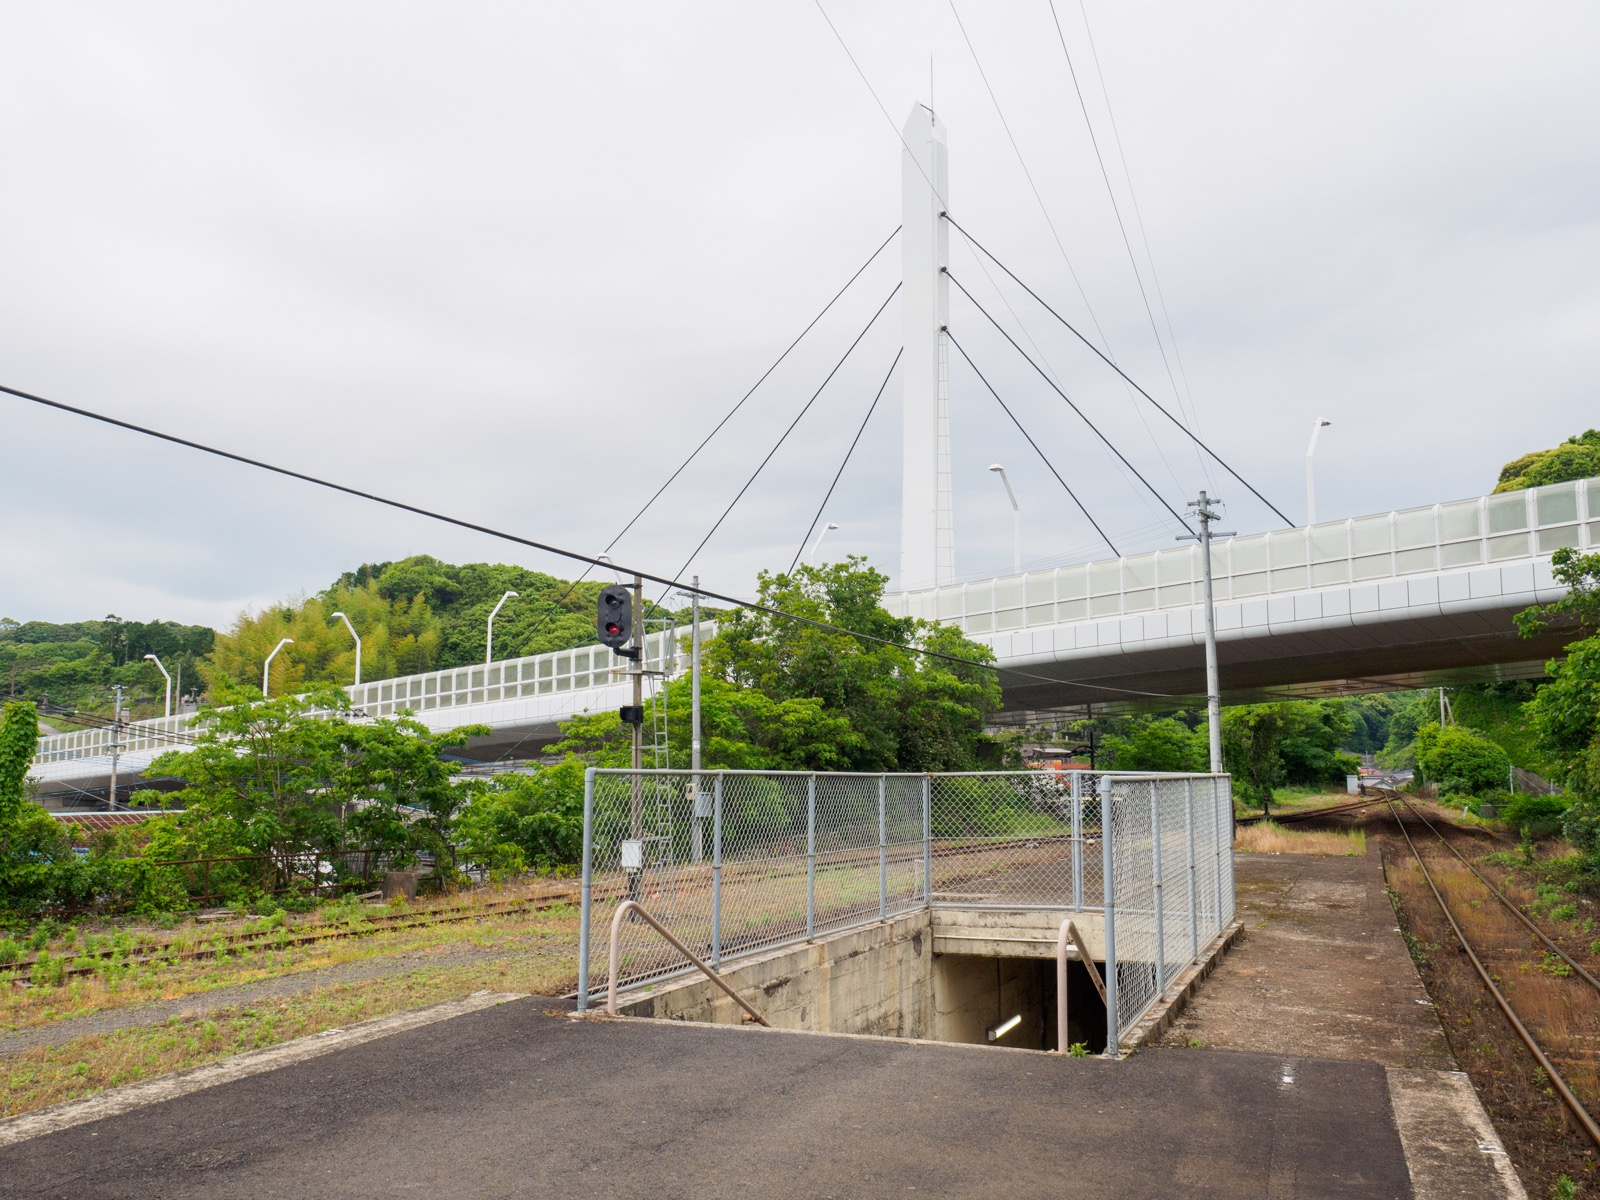 相浦駅のホームと相浦港大橋